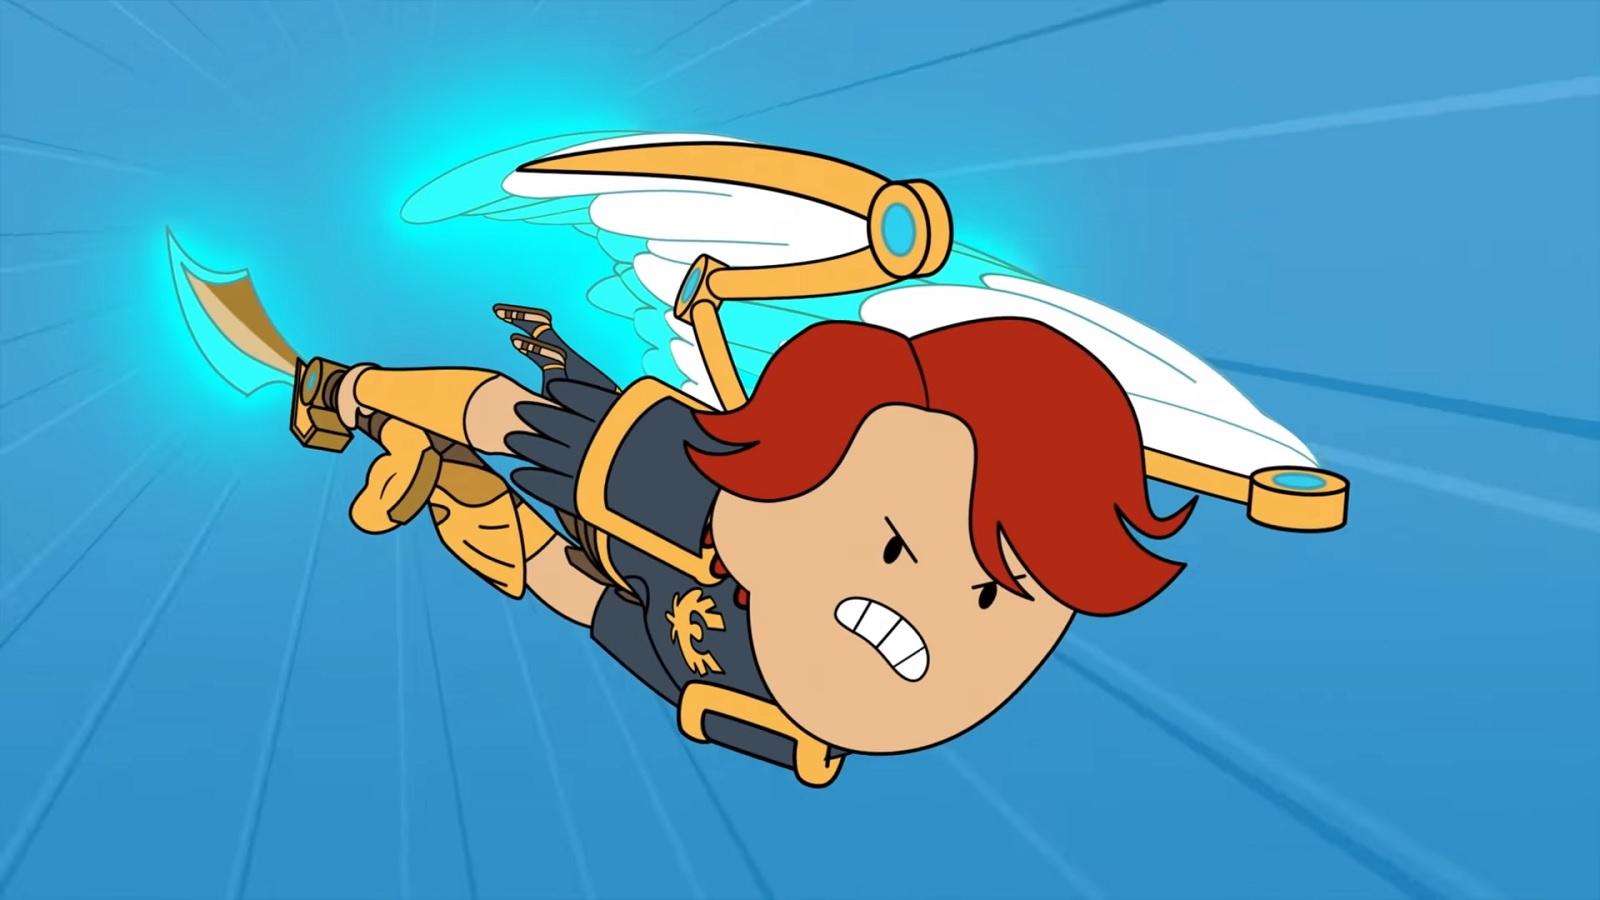 Феникс спешит на помощь: Ubisoft анонсировала кроссовер Immortals Fenyx Rising с мультсериалом «Время приключений»